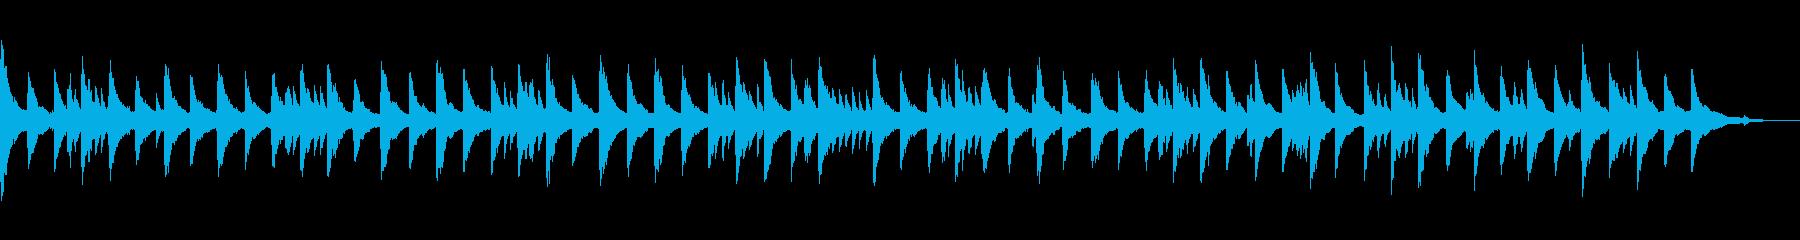 寂しげな雰囲気のクラシック風チェンバロの再生済みの波形